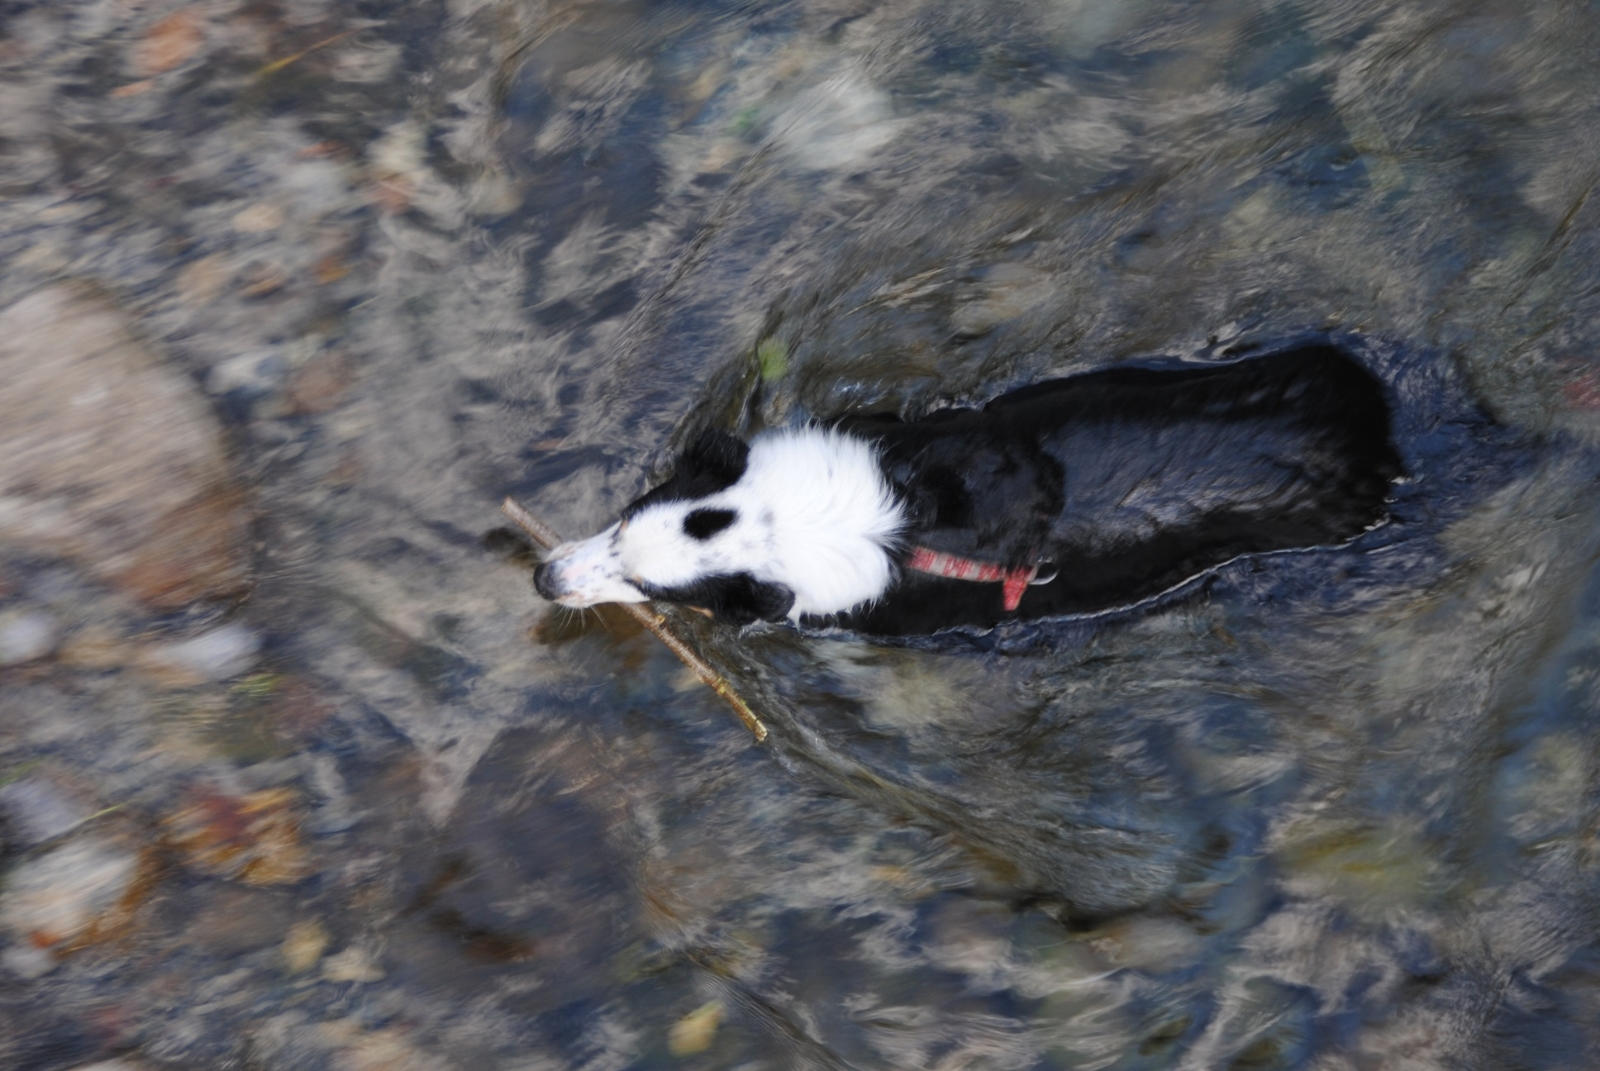 Falls ihr denkt man könnte mit einem Shepherd einfach so am Wasser laufen, vergesst es.